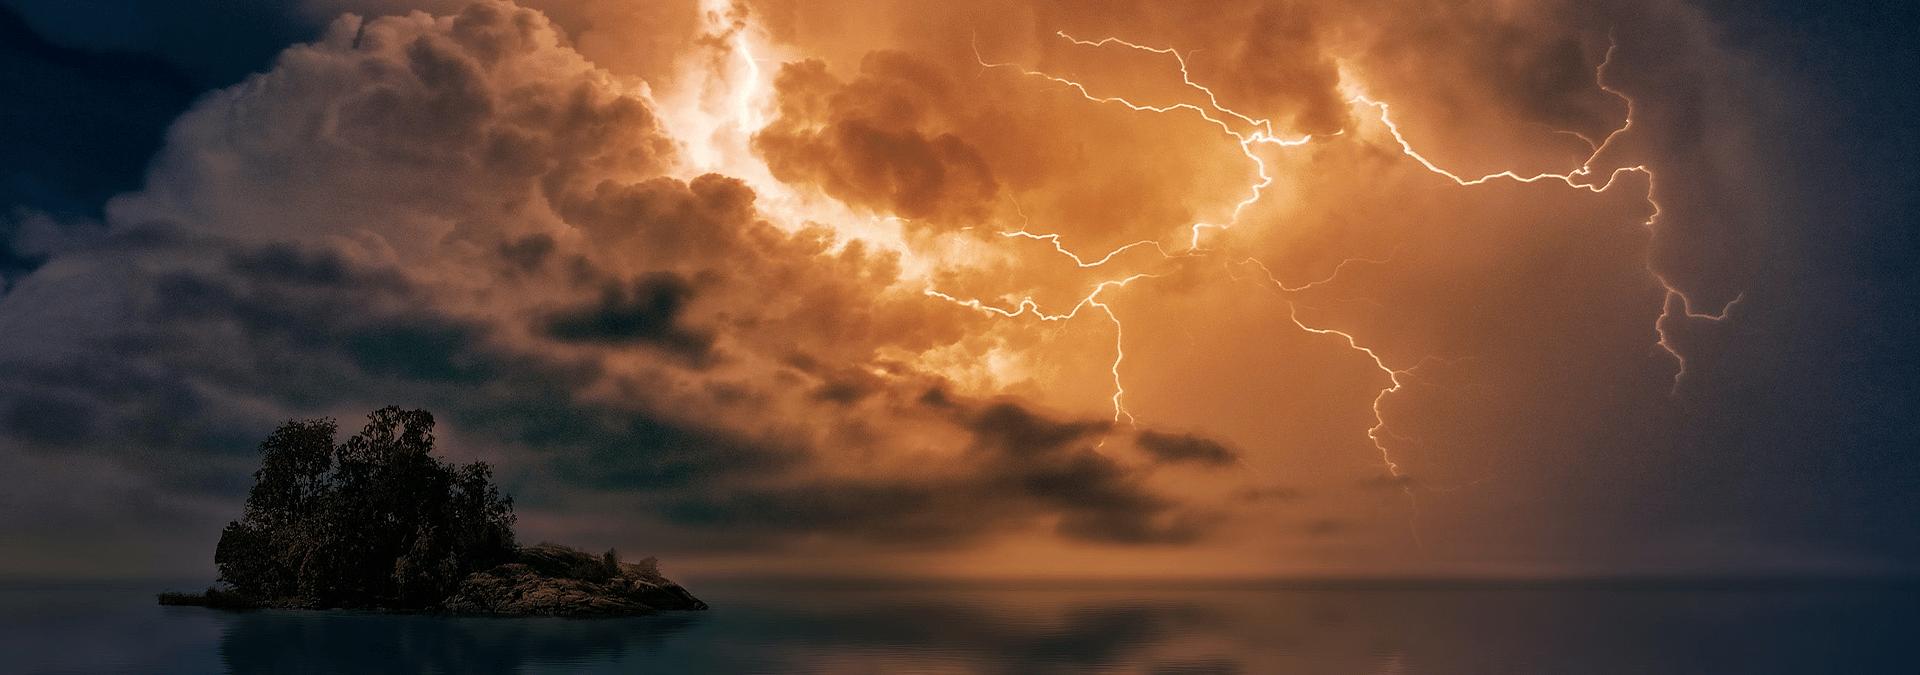 Risiko für Gewitter und Starkregen auch zukünftig erhöht